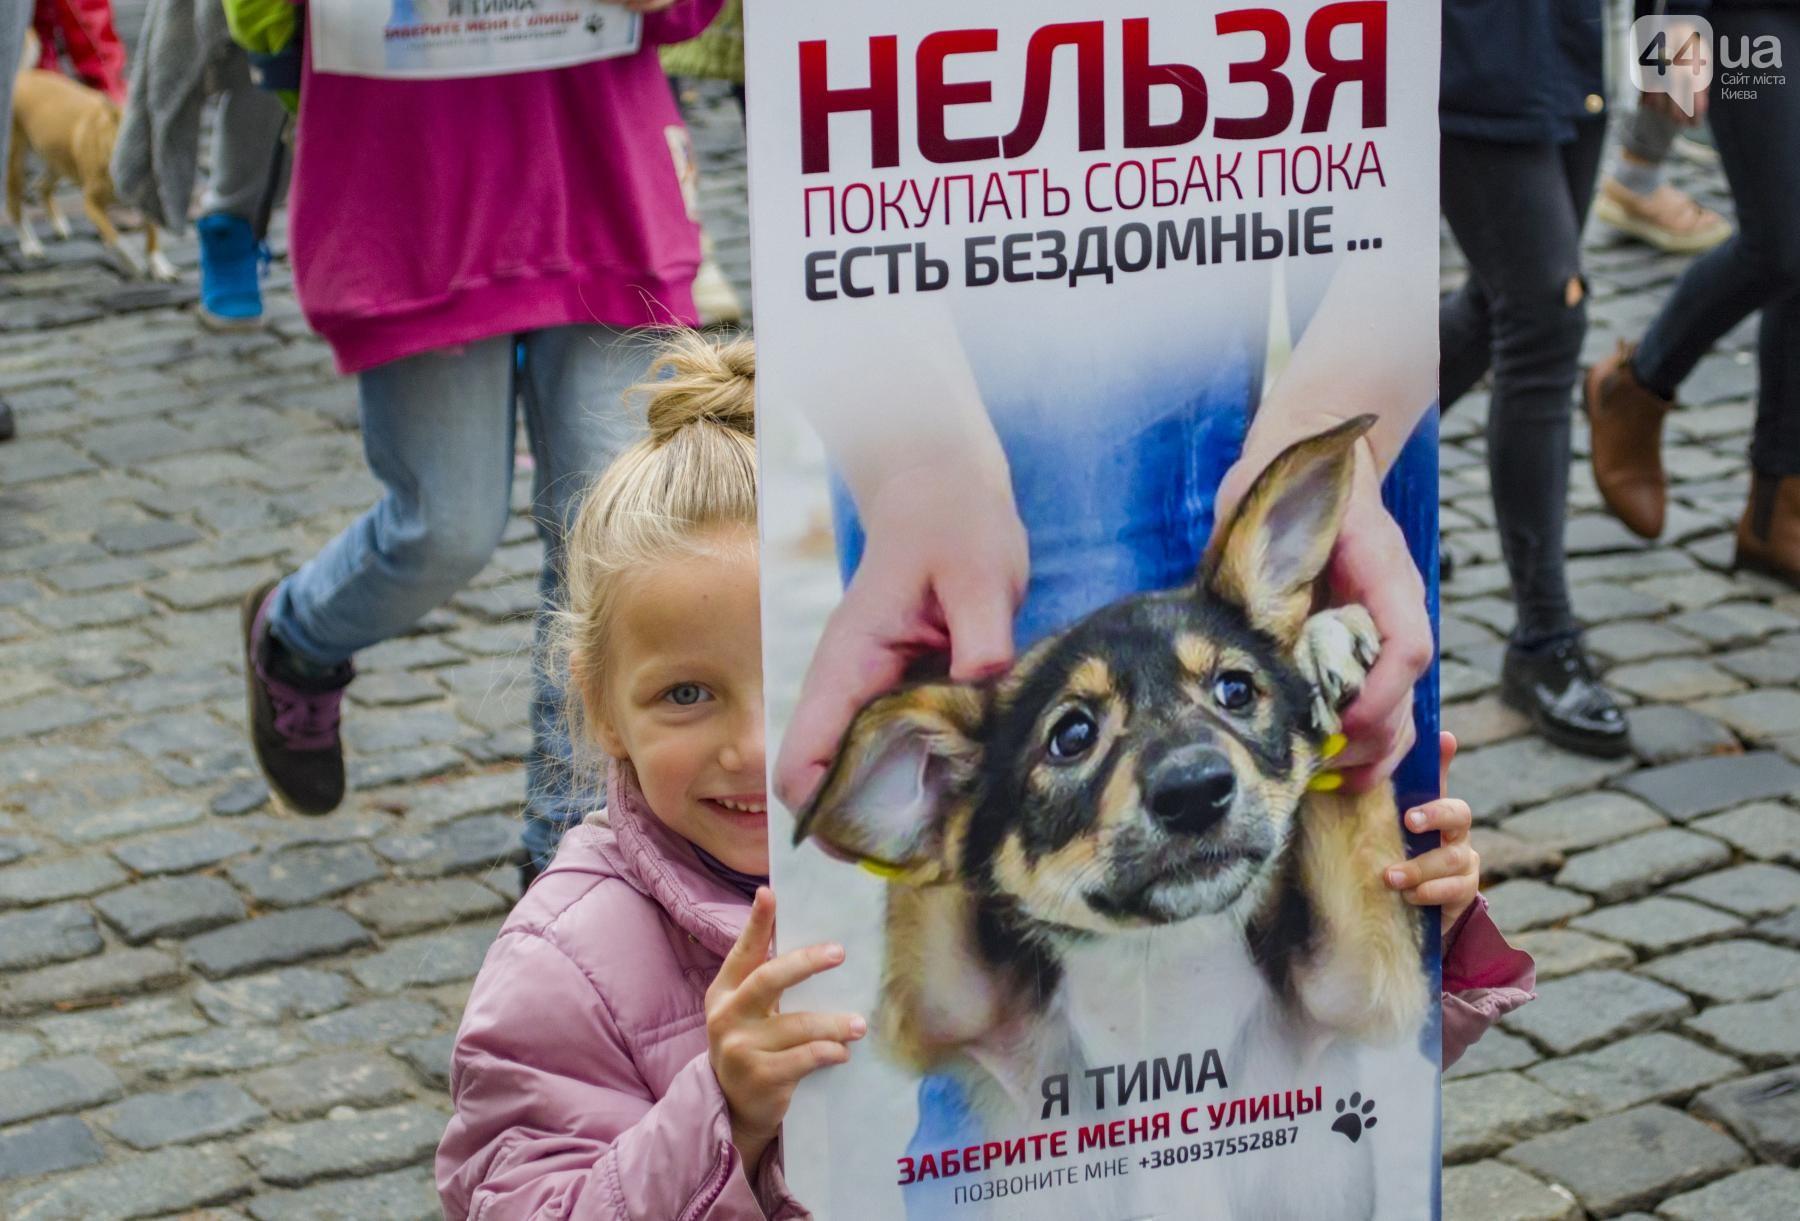 Зоозащитники митингуют! В Киеве прошел ежегодный марш за права животных: вот как всё было! рис 4